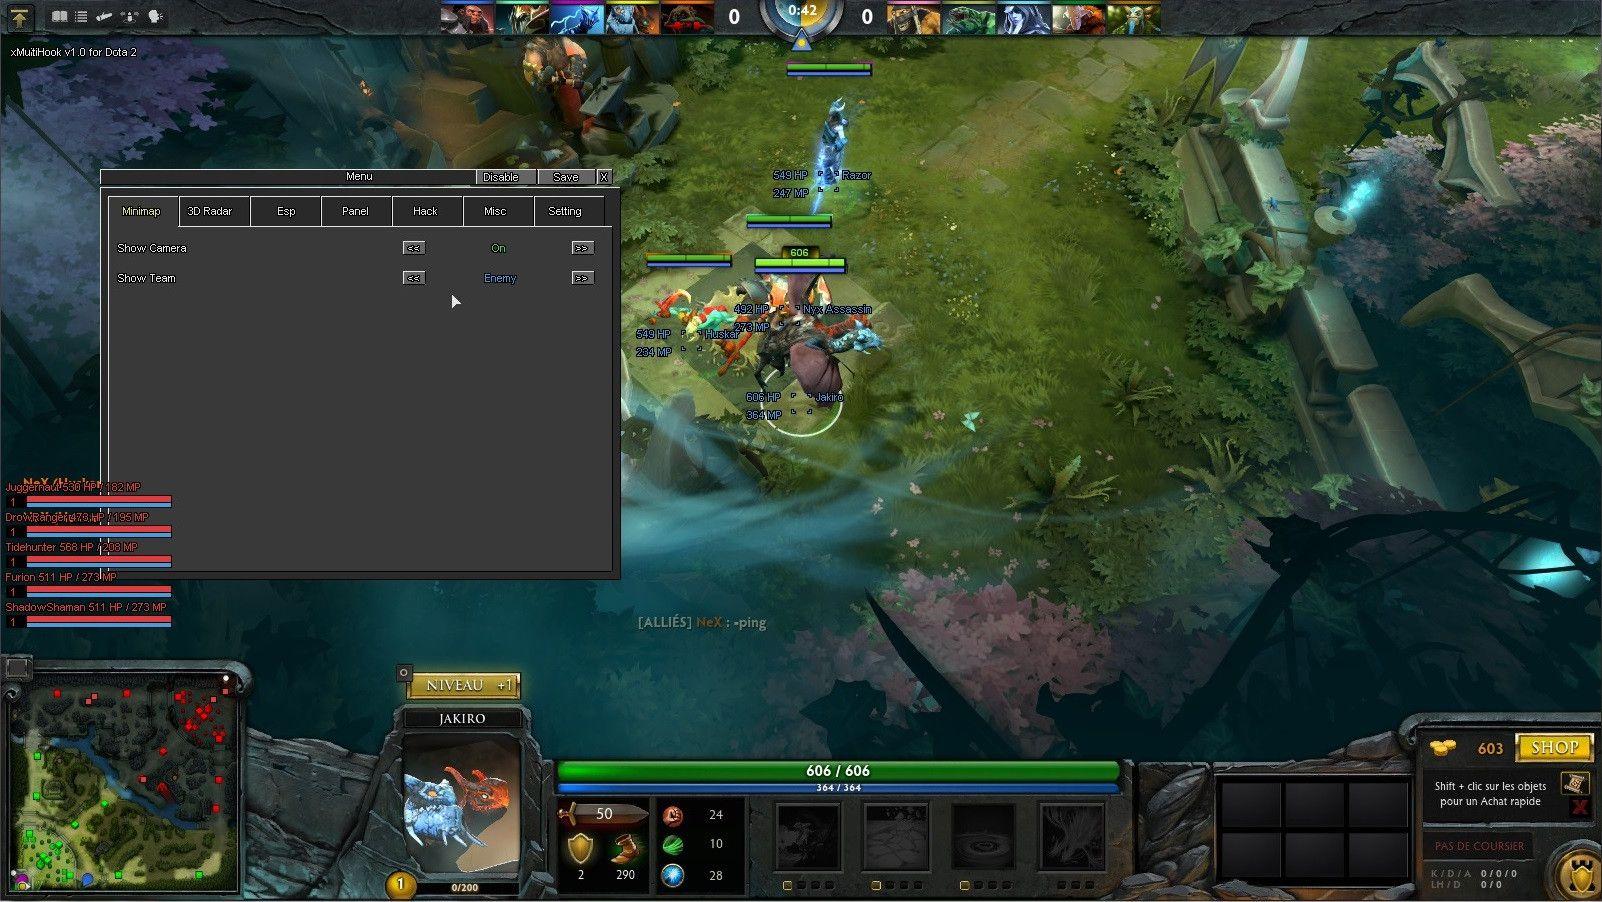 Dota 2 Map Hack | Serdar | Working games, Dota 2 game, Dota 2